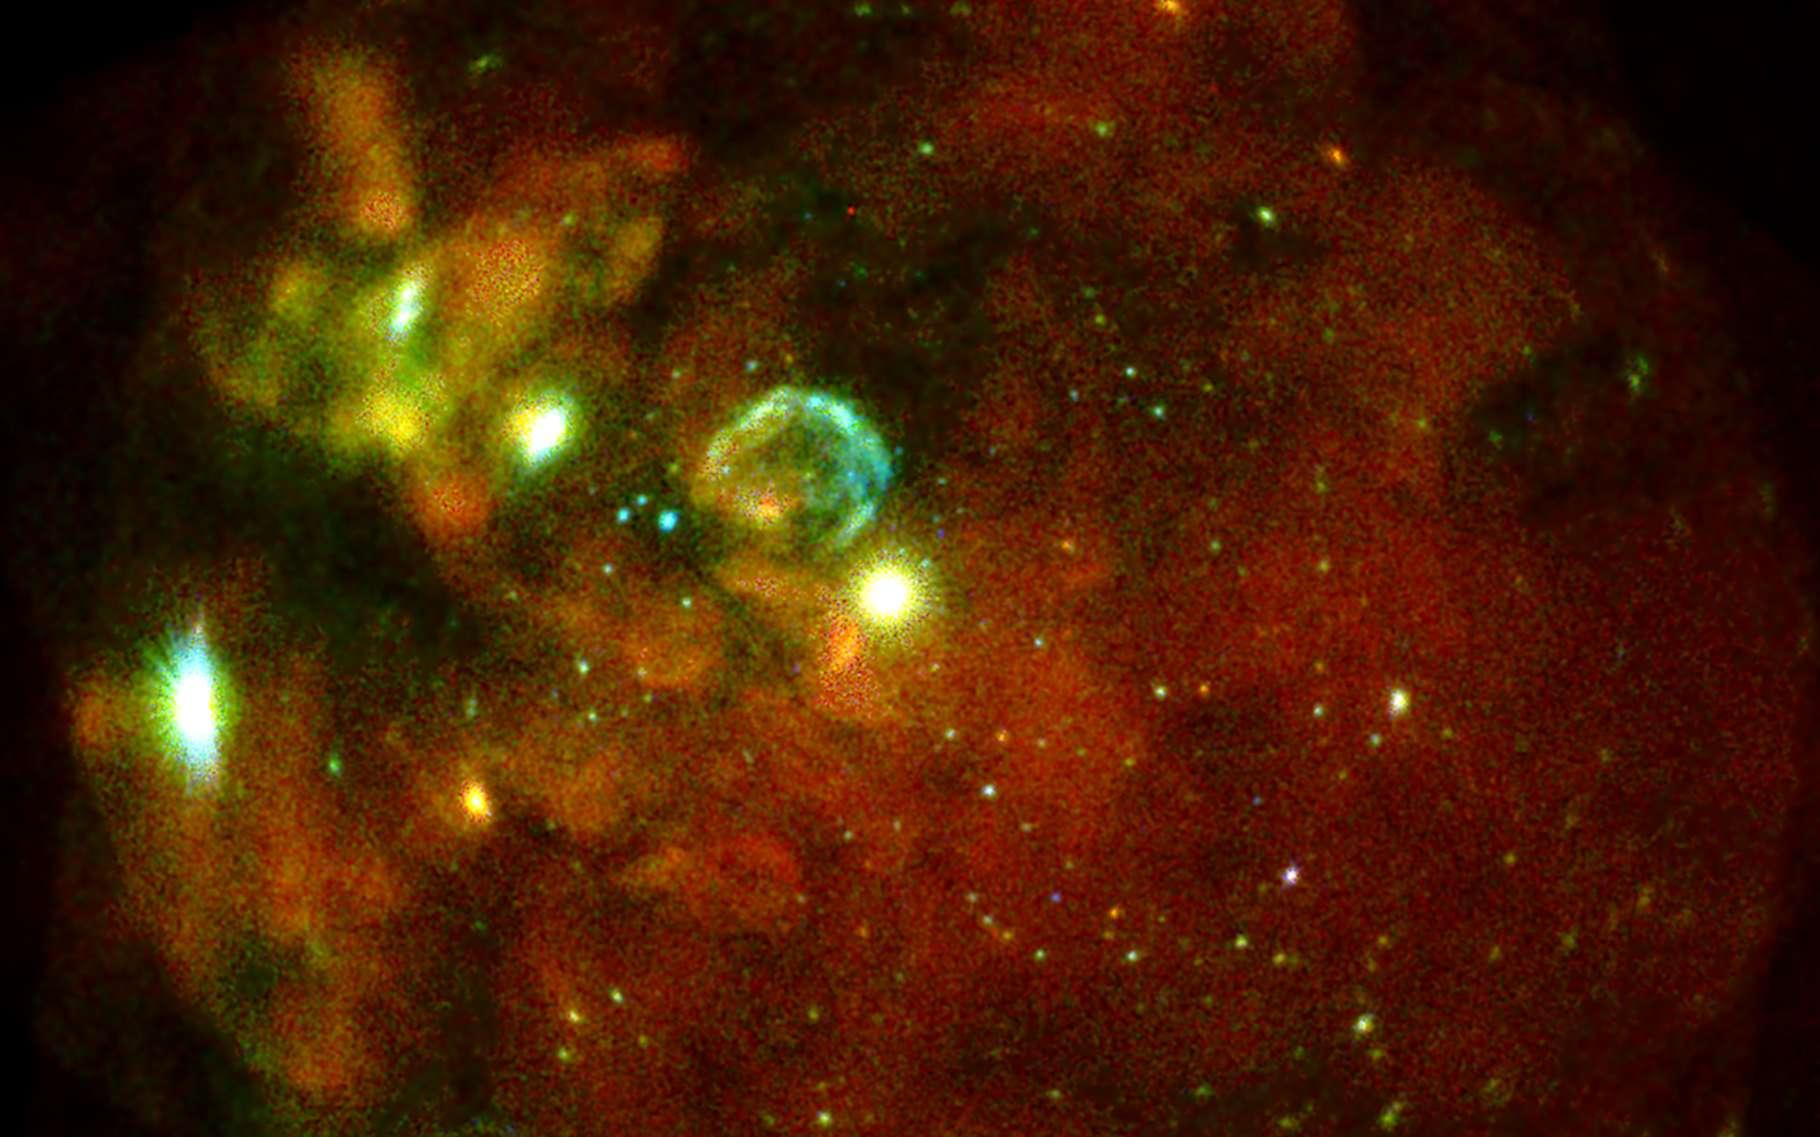 Une image du Grand Nuage de Magellan prise par les sept modules du télescope spatial eRosita entre le 18 et le 19 octobre 2019. © F.Haberl, M. Freyberg and C. Maitra, Max Planck Institute for Extraterrestrial Physics (MPE)/IKI